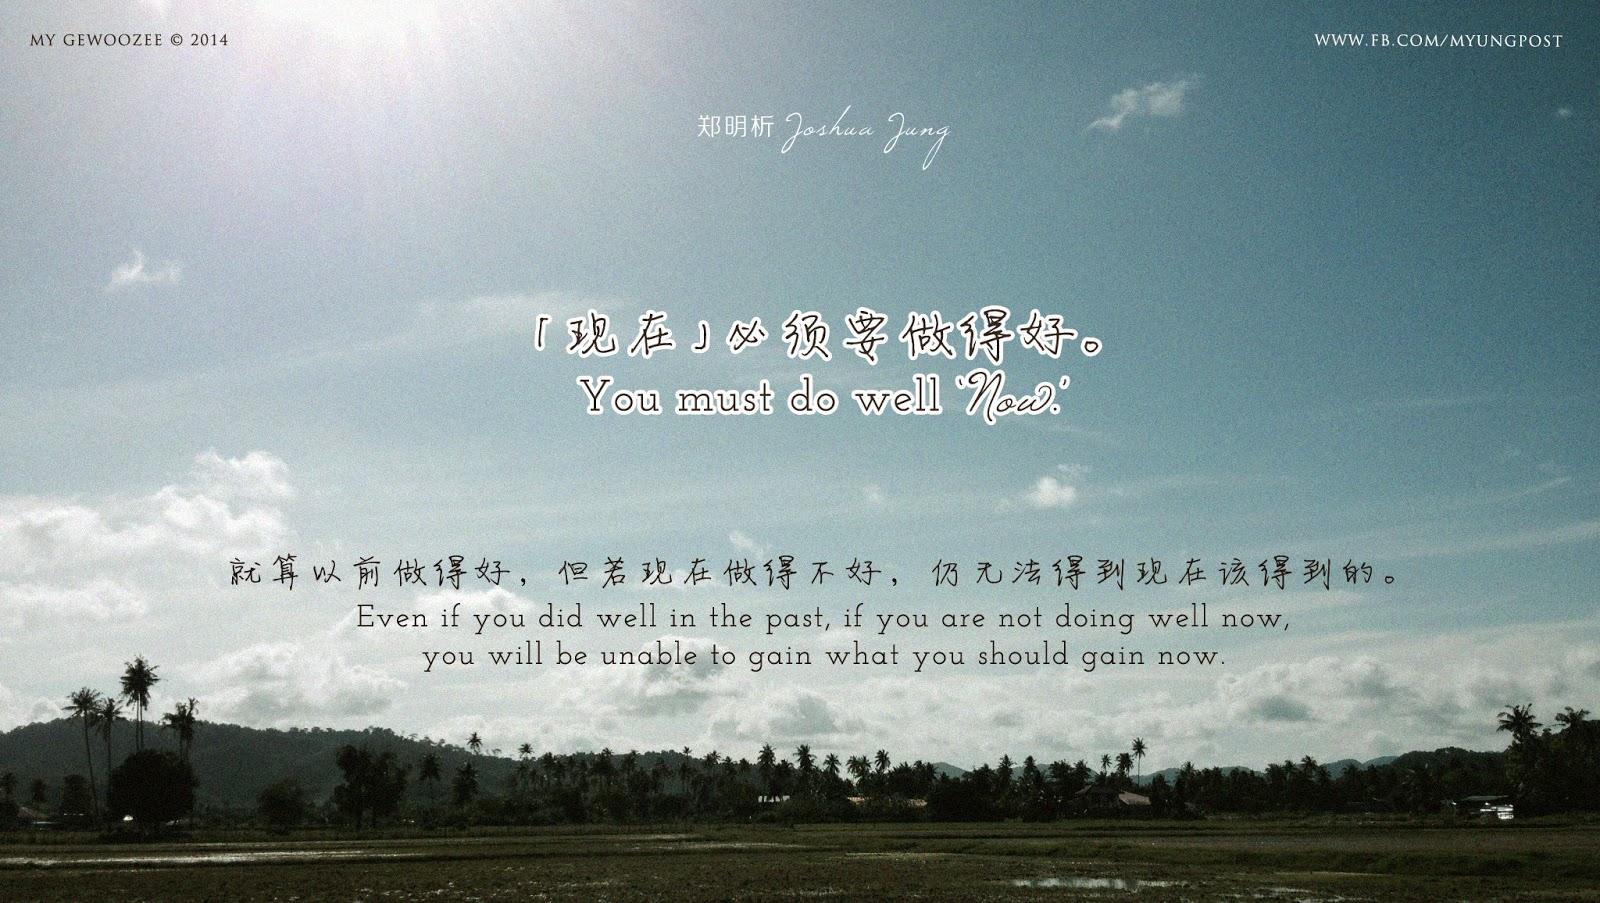 郑明析,摄理,月明洞,现在,天空,Joshua Jung, Providence, JMS, Now, Sky